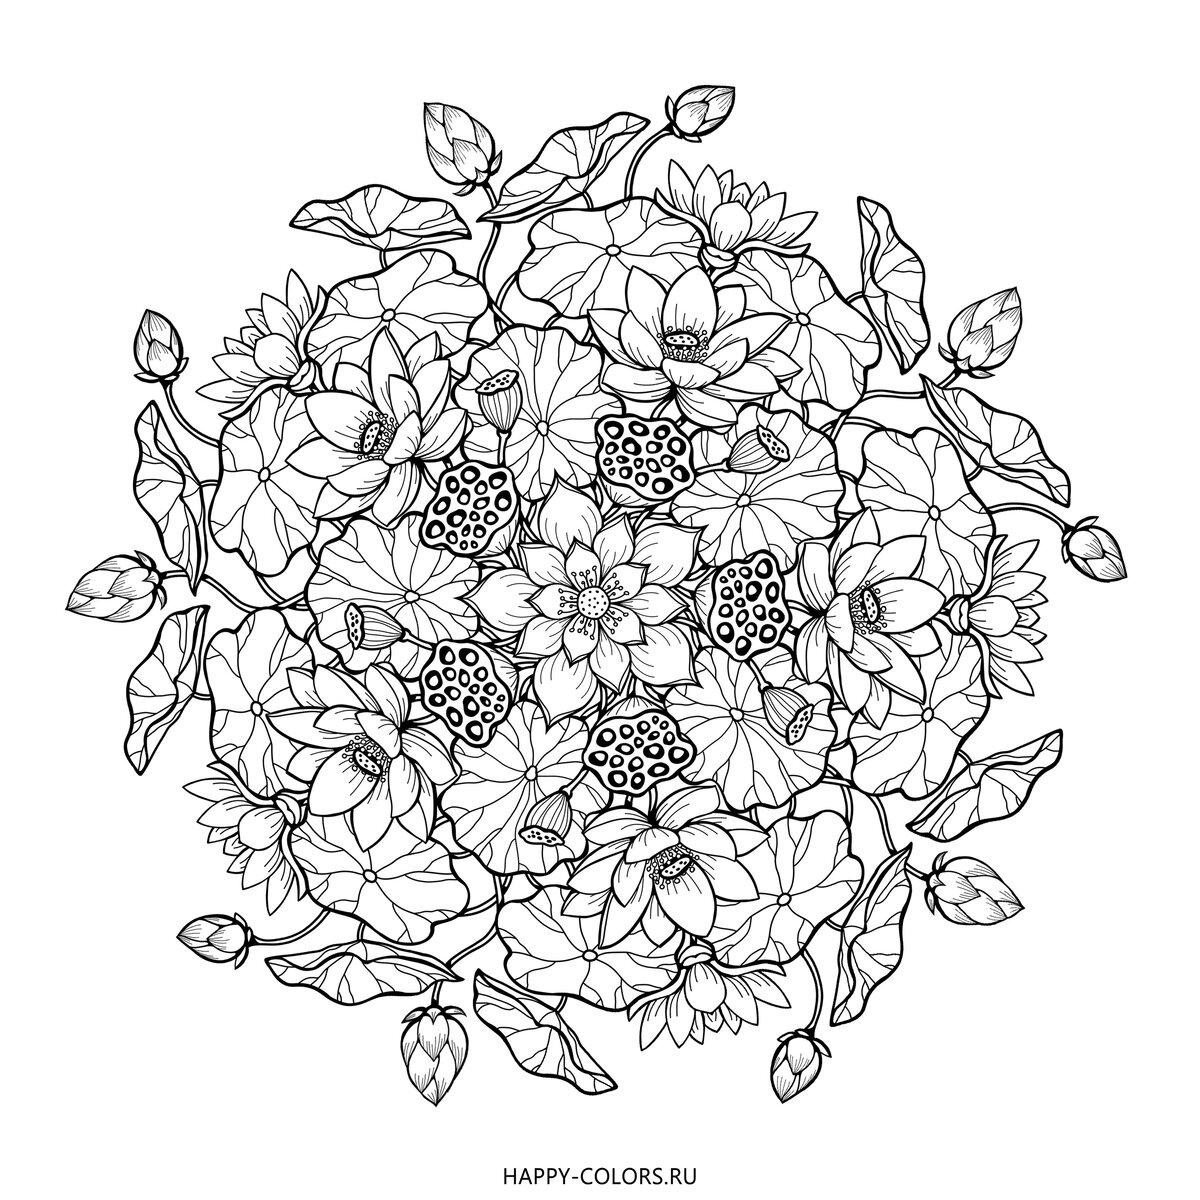 картинки цветков из антистресса такой карьере вишневская